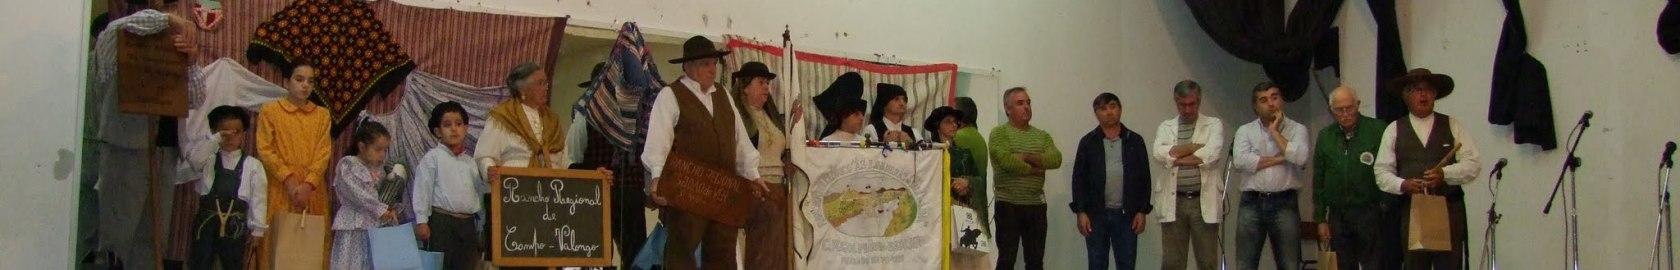 Festival de Folclore da Golpilheira